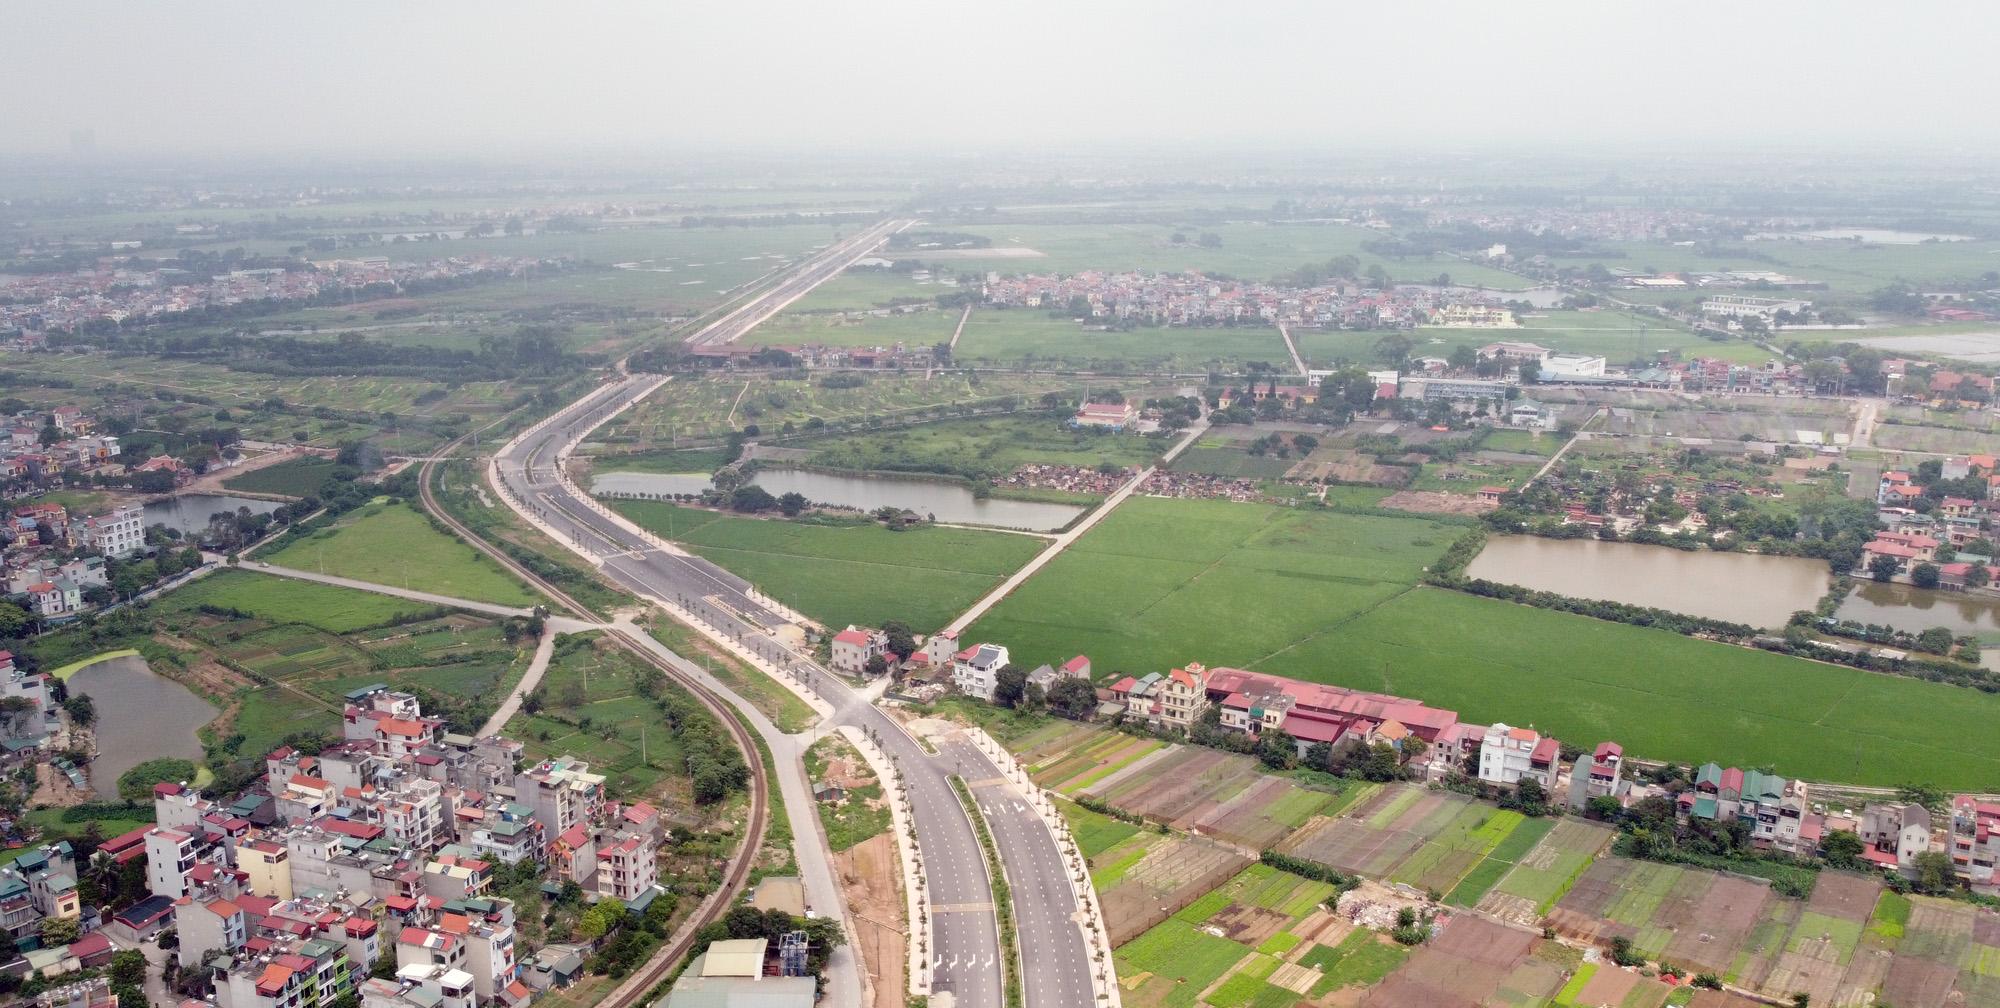 Ưu tiên triển khai Vành đai 4, 5 vùng Thủ đô Hà Nội bằng hình thức PPP - Ảnh 1.